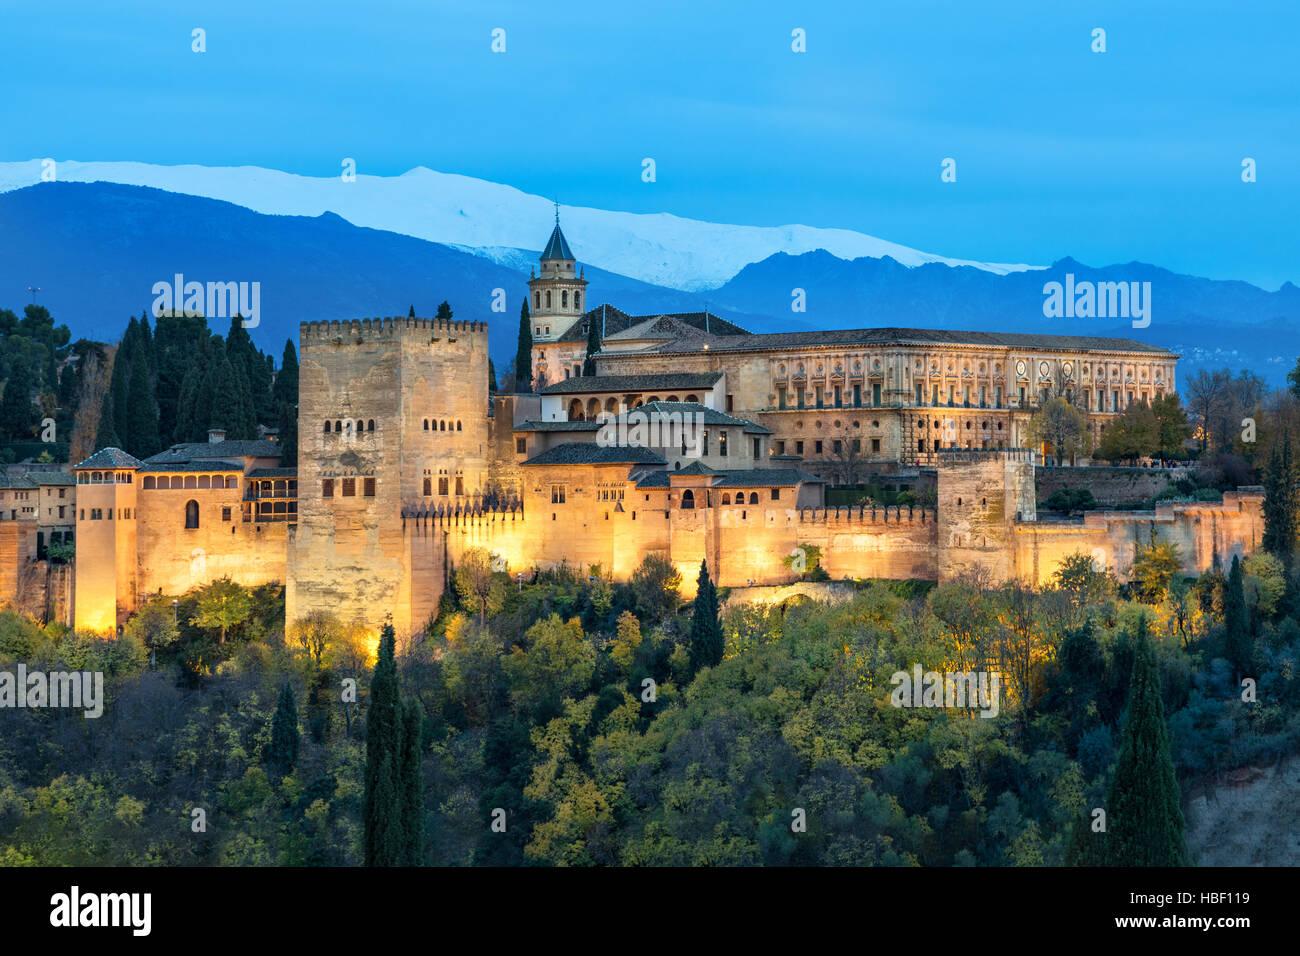 Alhambra - mittelalterliche maurische Festung, umgeben von gelb im Herbst Bäume beleuchtet am Abend, Granada, Stockbild